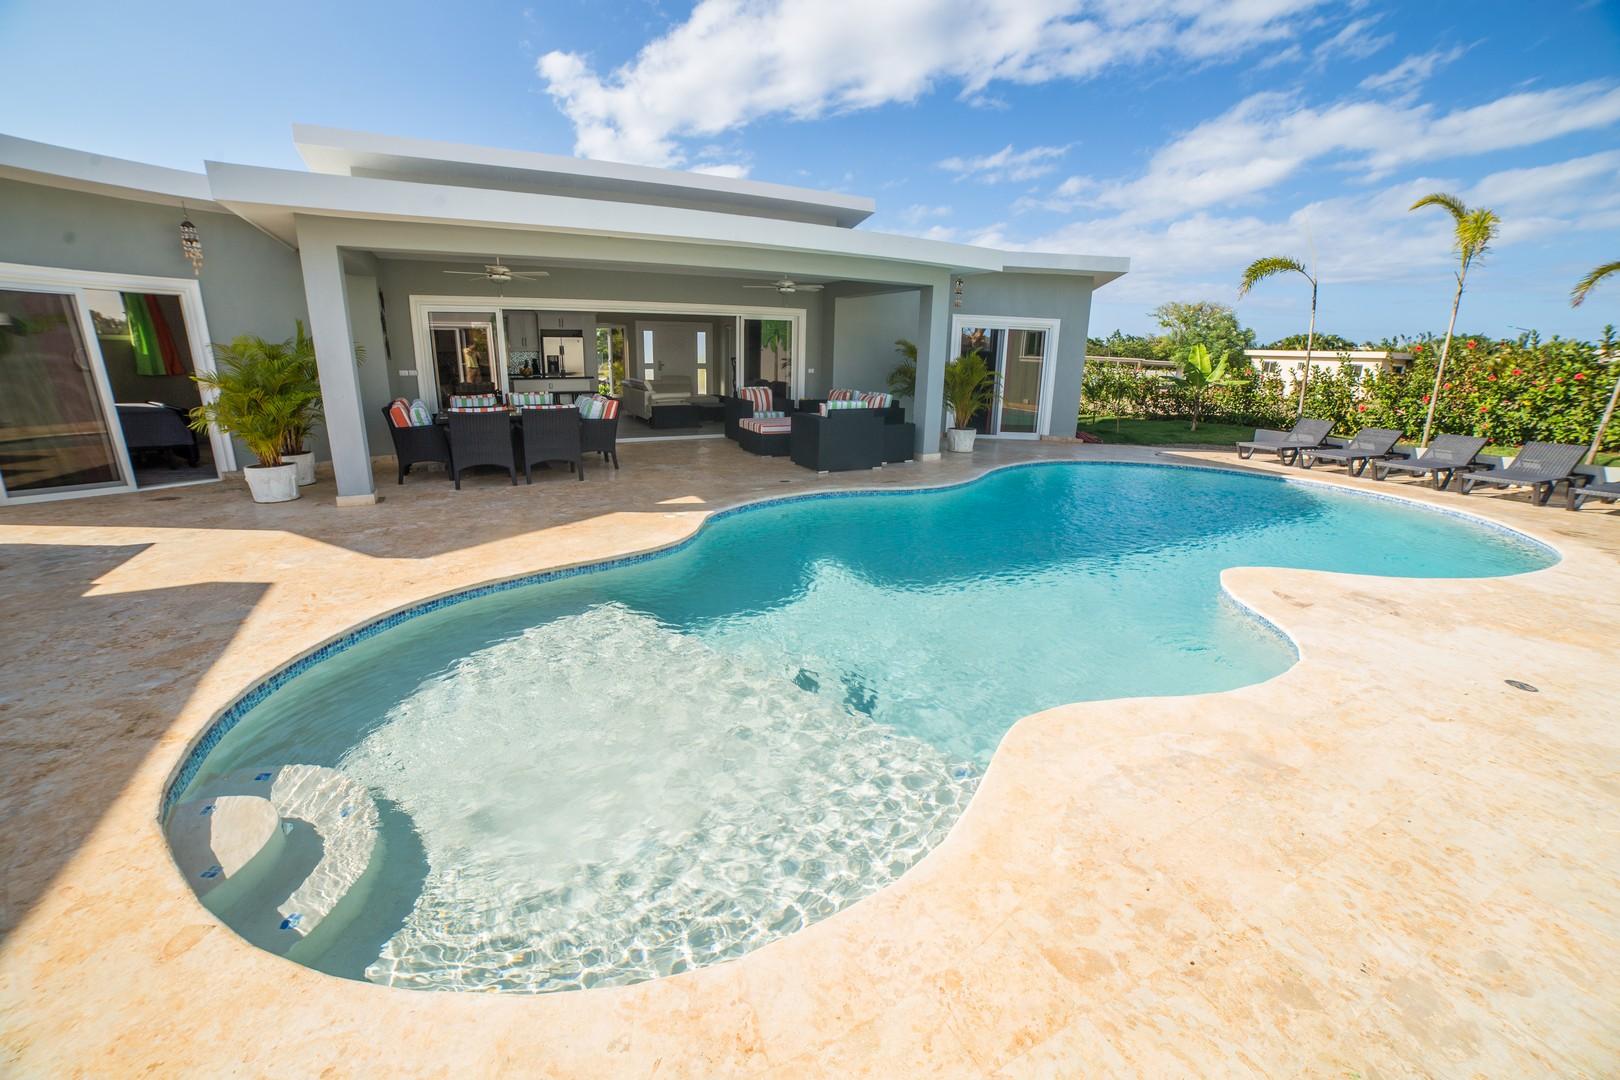 Residencial Casa Linda Dominican Republic Vacation Villas